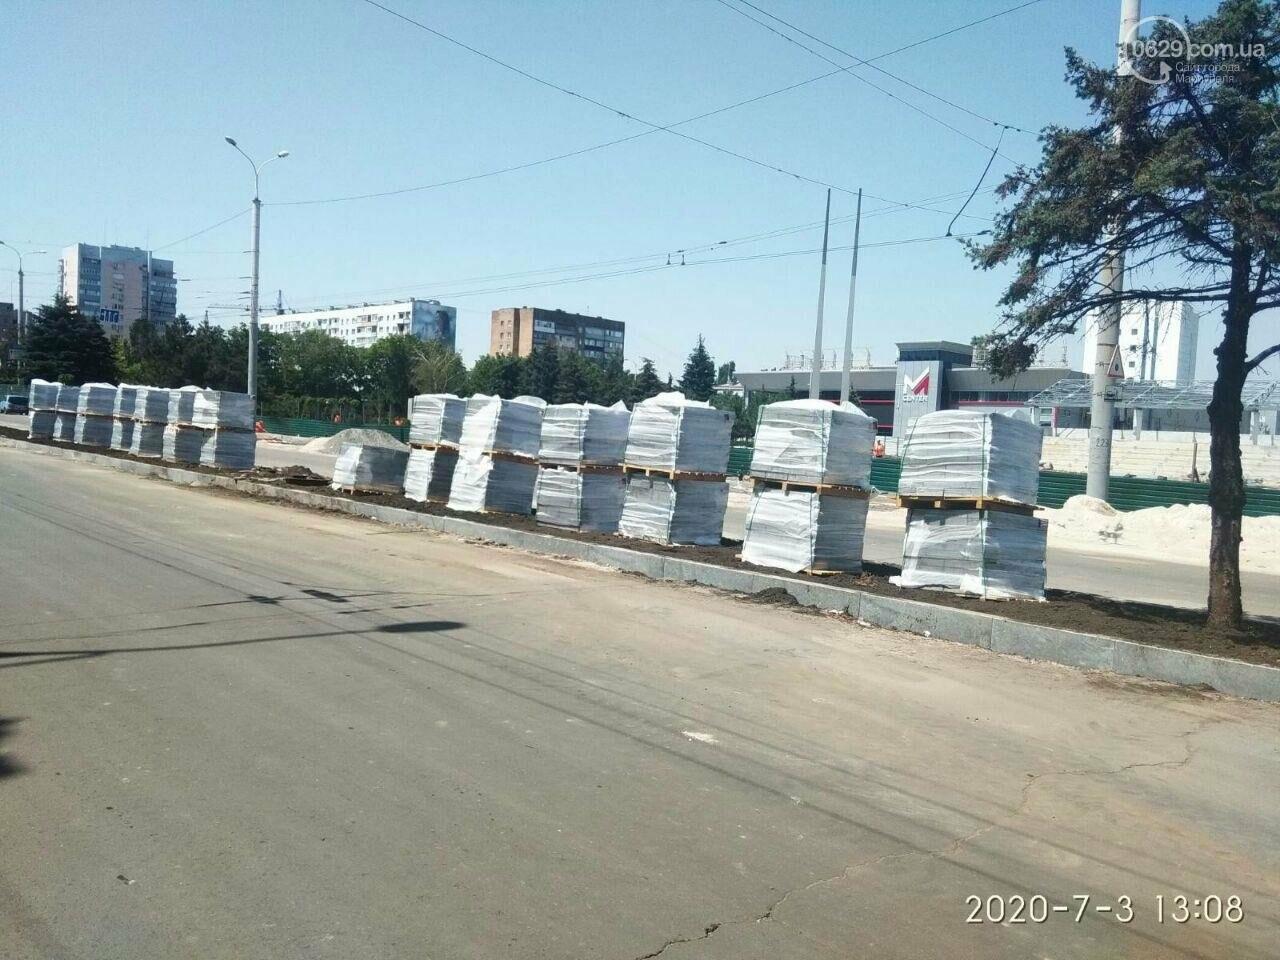 В Мариуполе на 8 дней перекроют часть проспекта Мира, - ФОТОРЕПОРТАЖ, фото-6